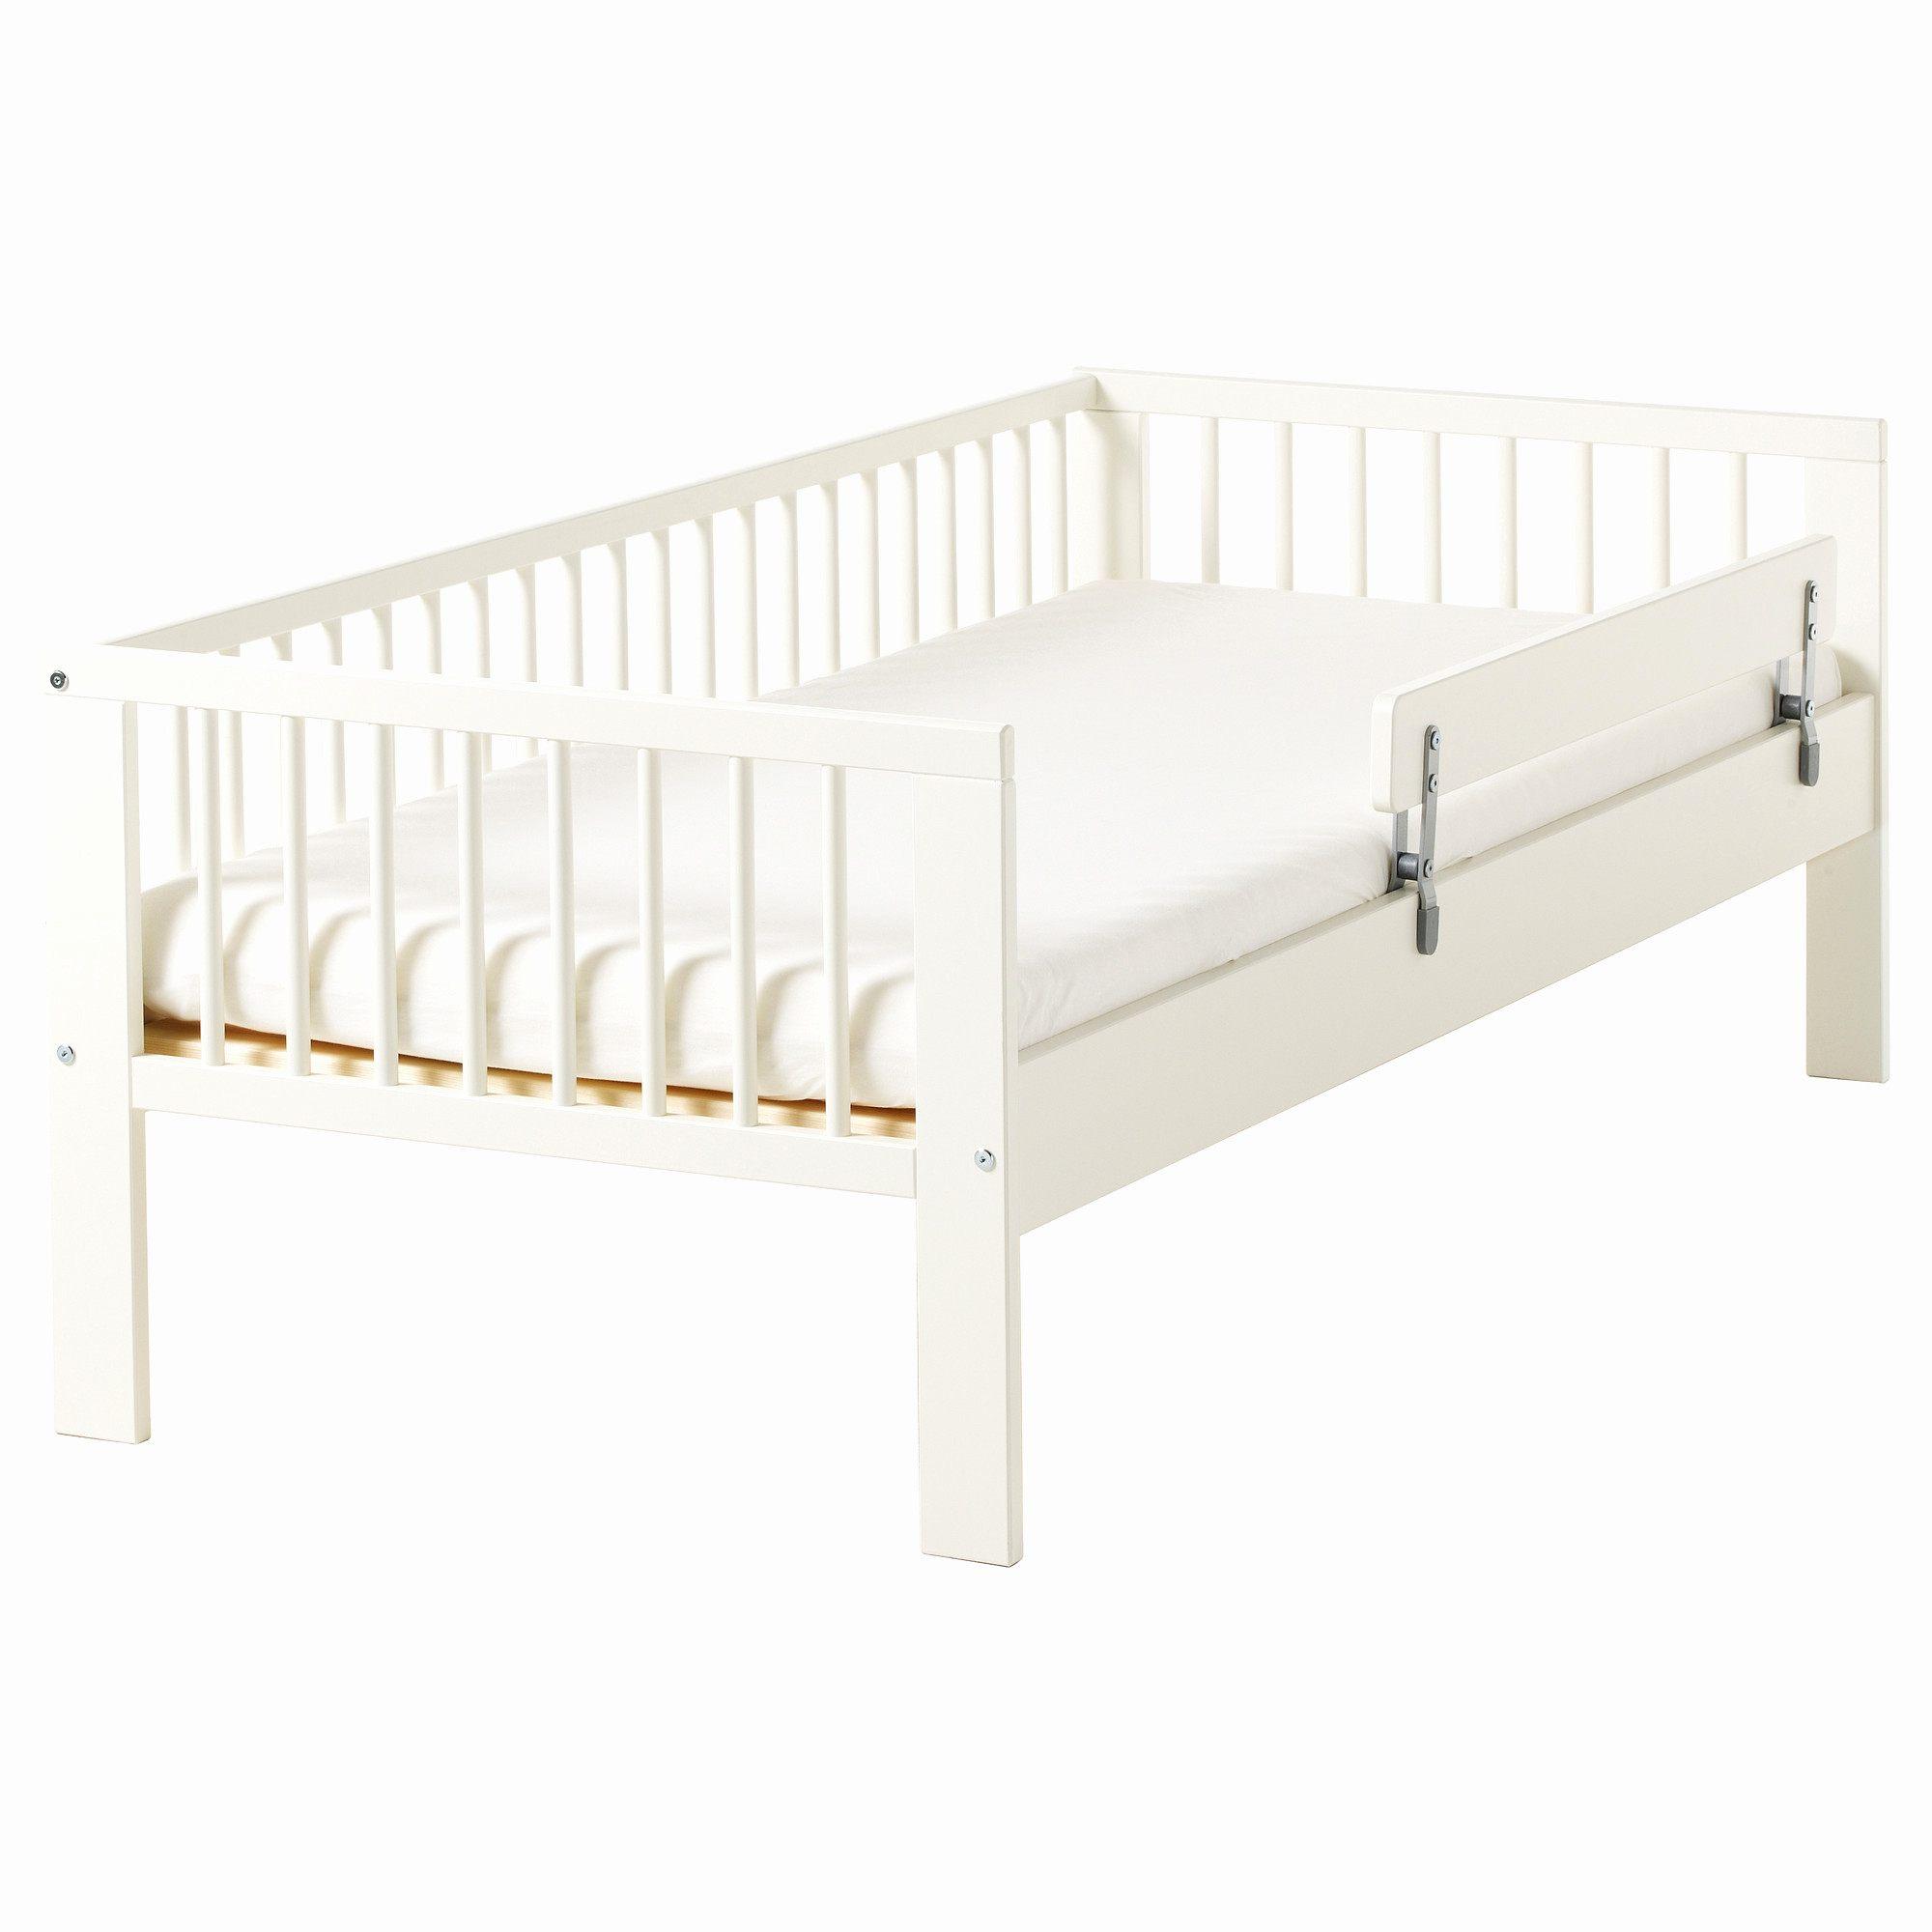 Lit Coffre 140x190 Structure Lit Ikea Frais S 27 Beau Lit Coffre